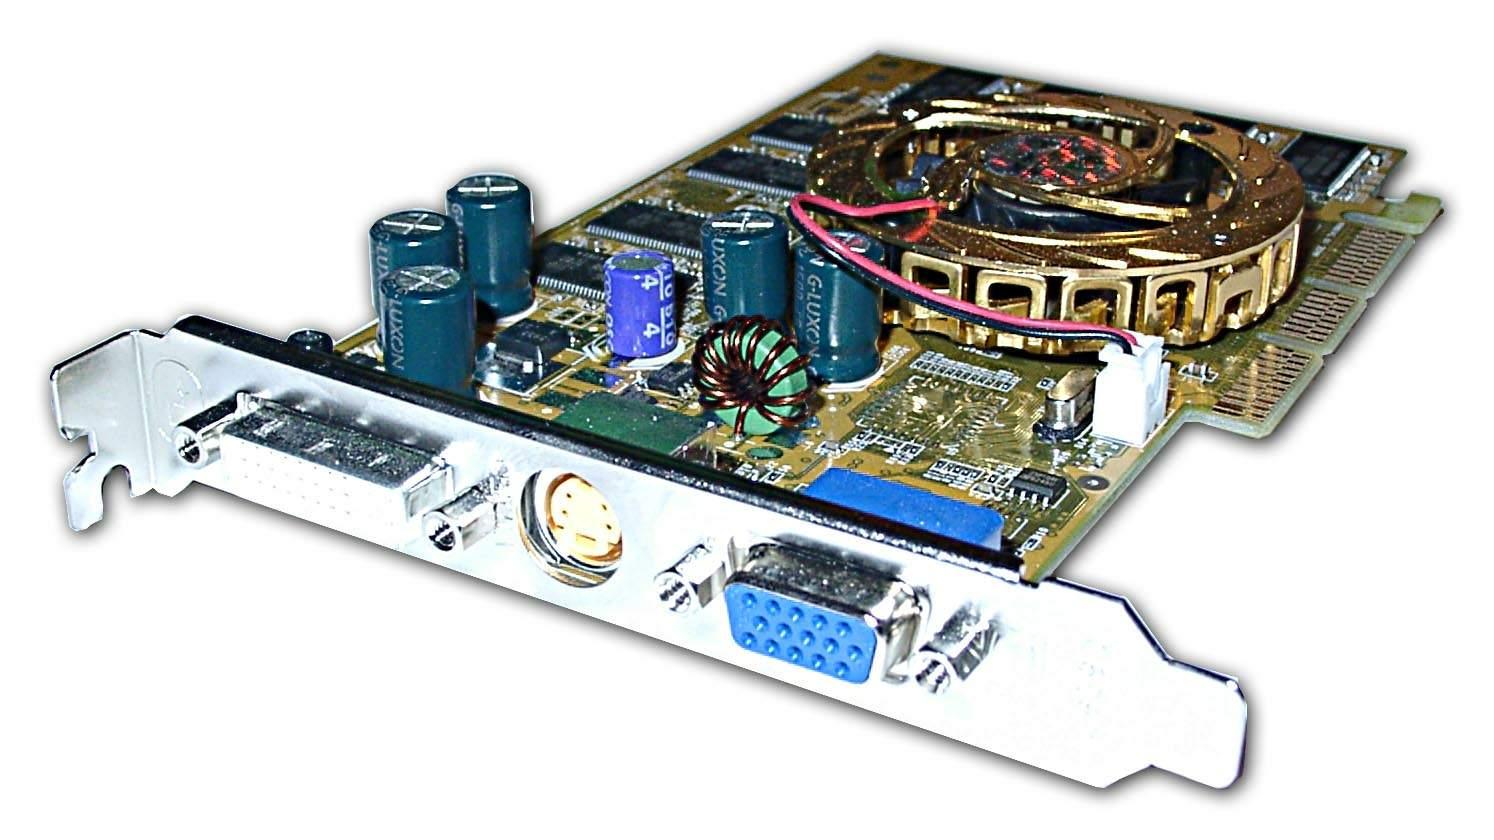 nvidia geforce fx 5600 драйвер скачать